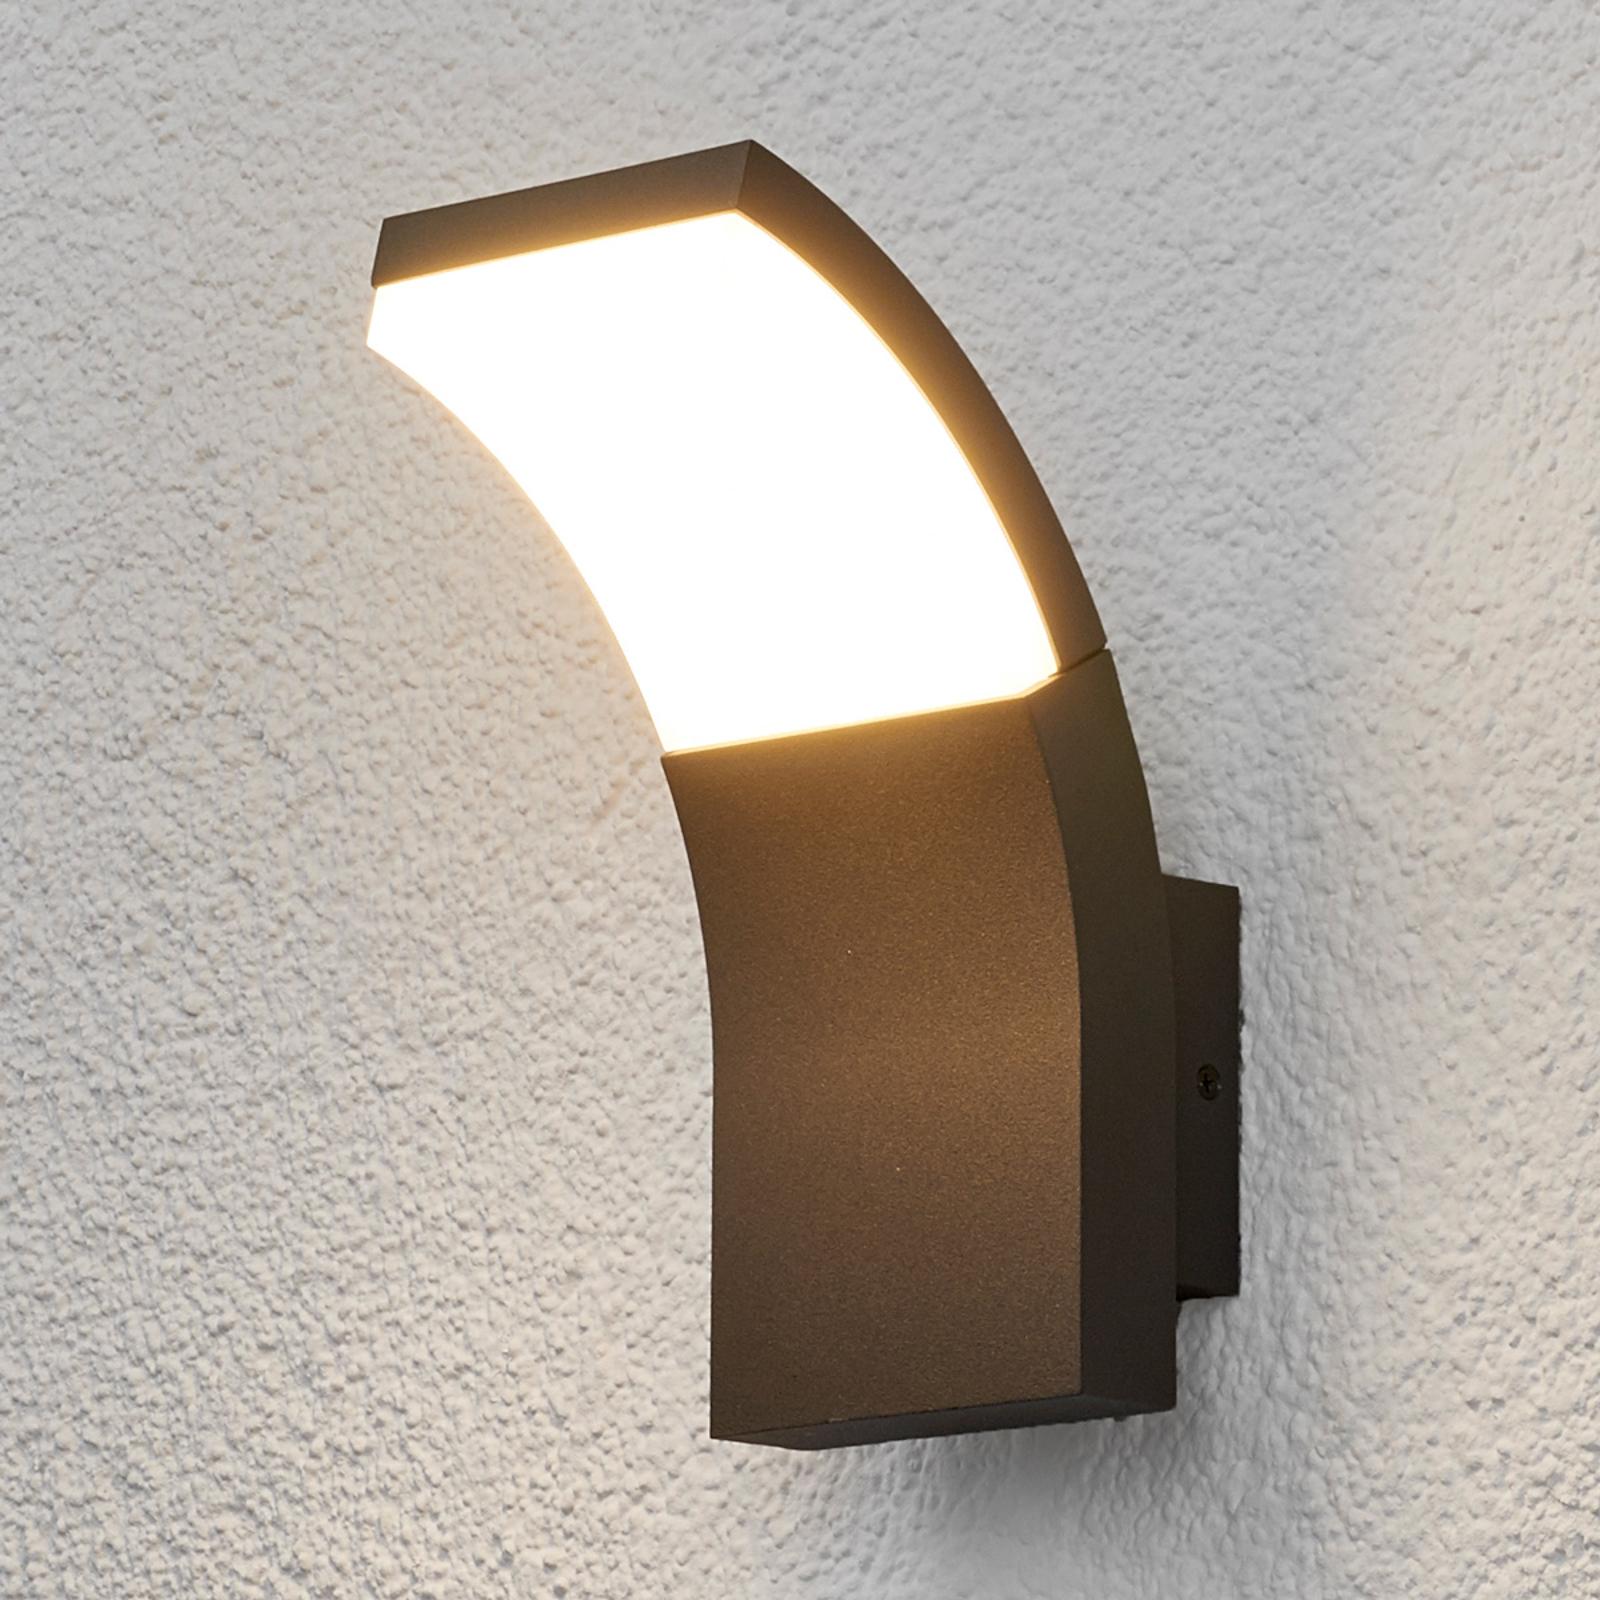 Lampada Timm con LED, a parete, per esterni